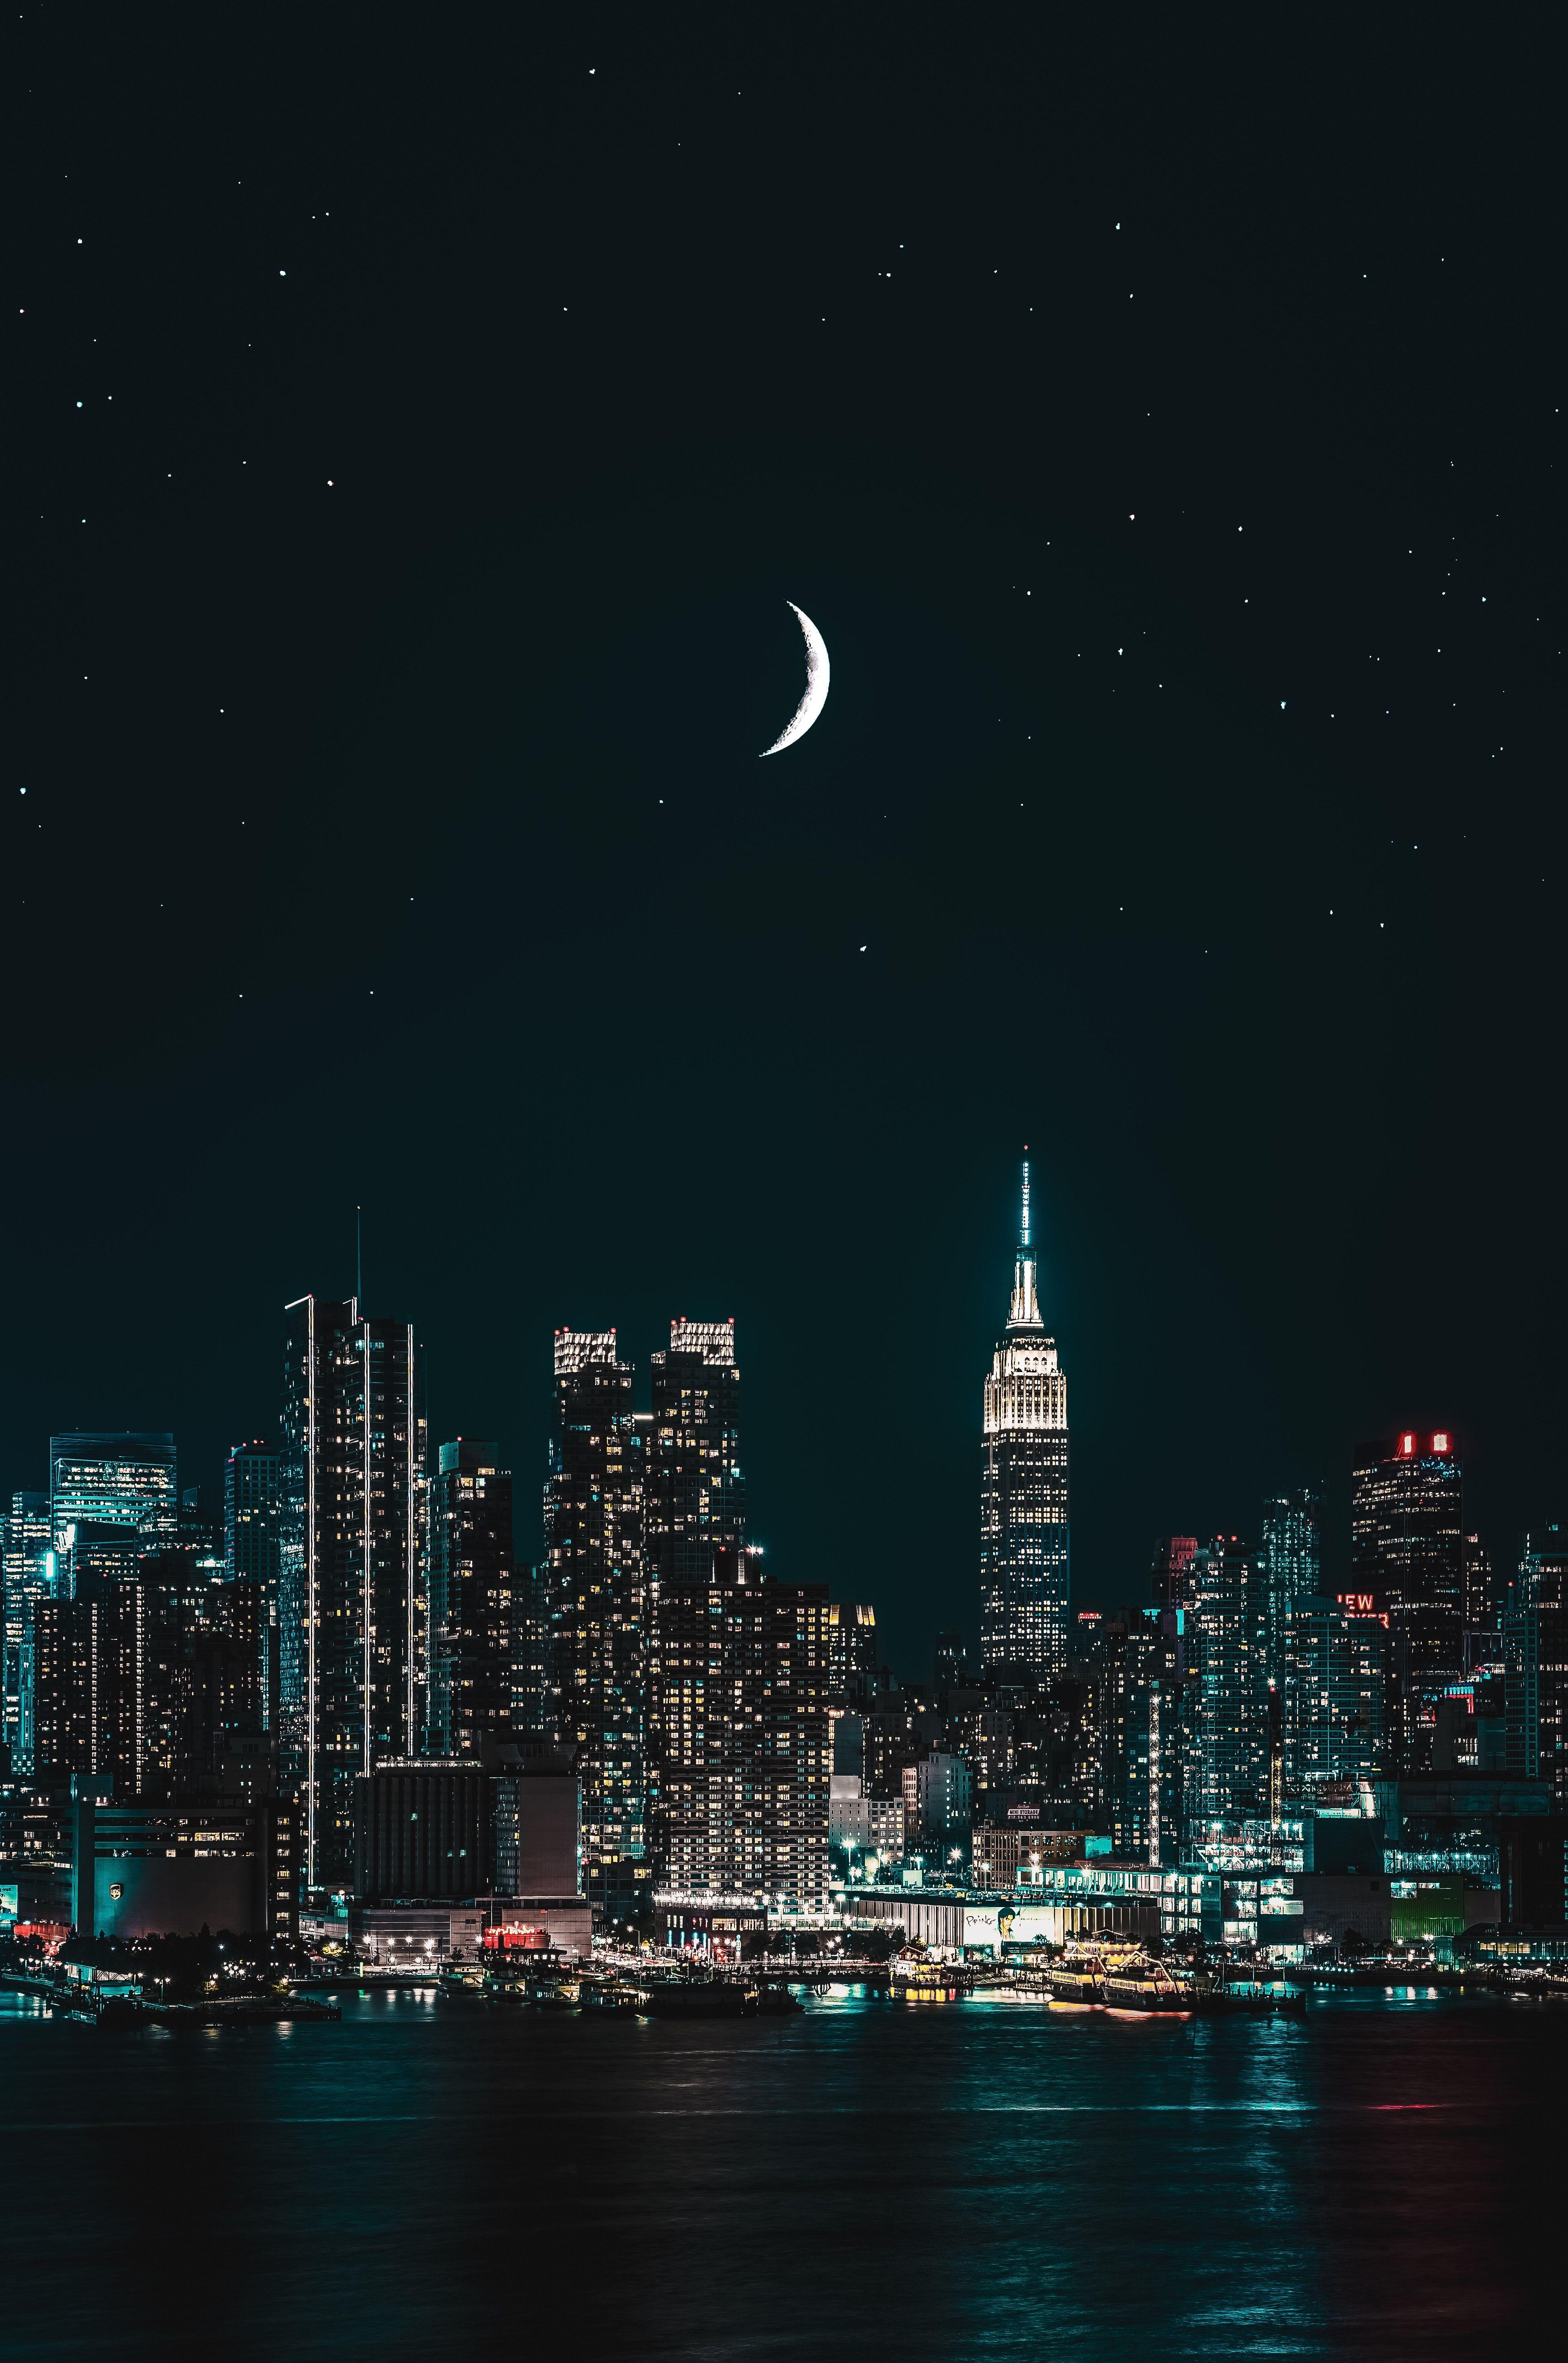 11 Gambar Wallpaper Hp Yang Bagus Koleksi Gambar Skyline Photography Aesthetic City New York Wallpaper